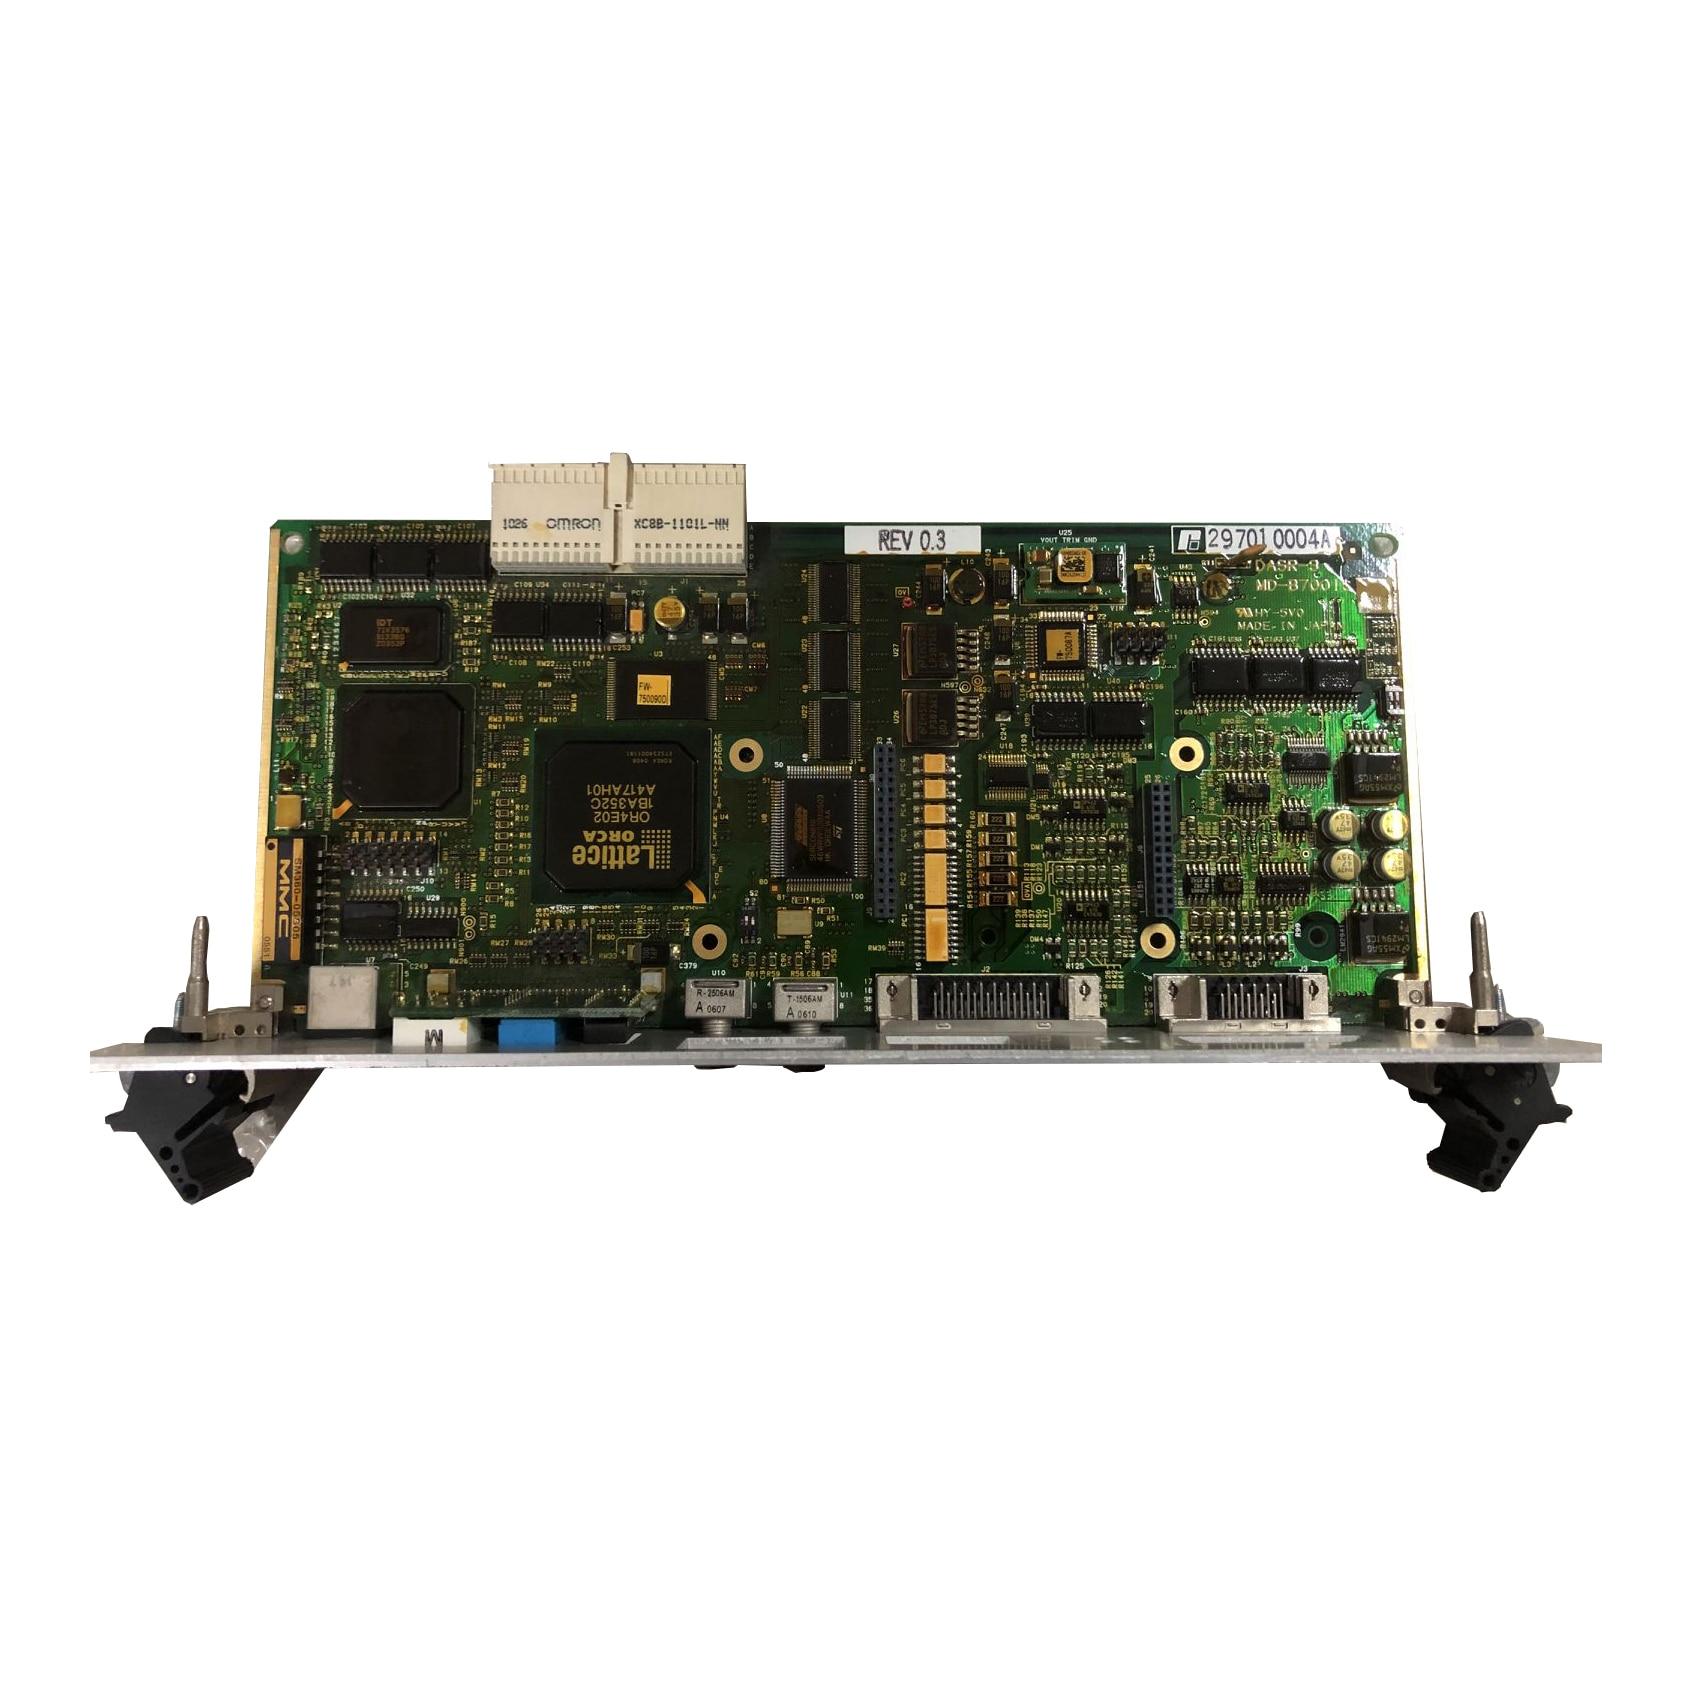 تستخدم في حالة جيدة MD-B7001C لوحة تحكم DASR-3